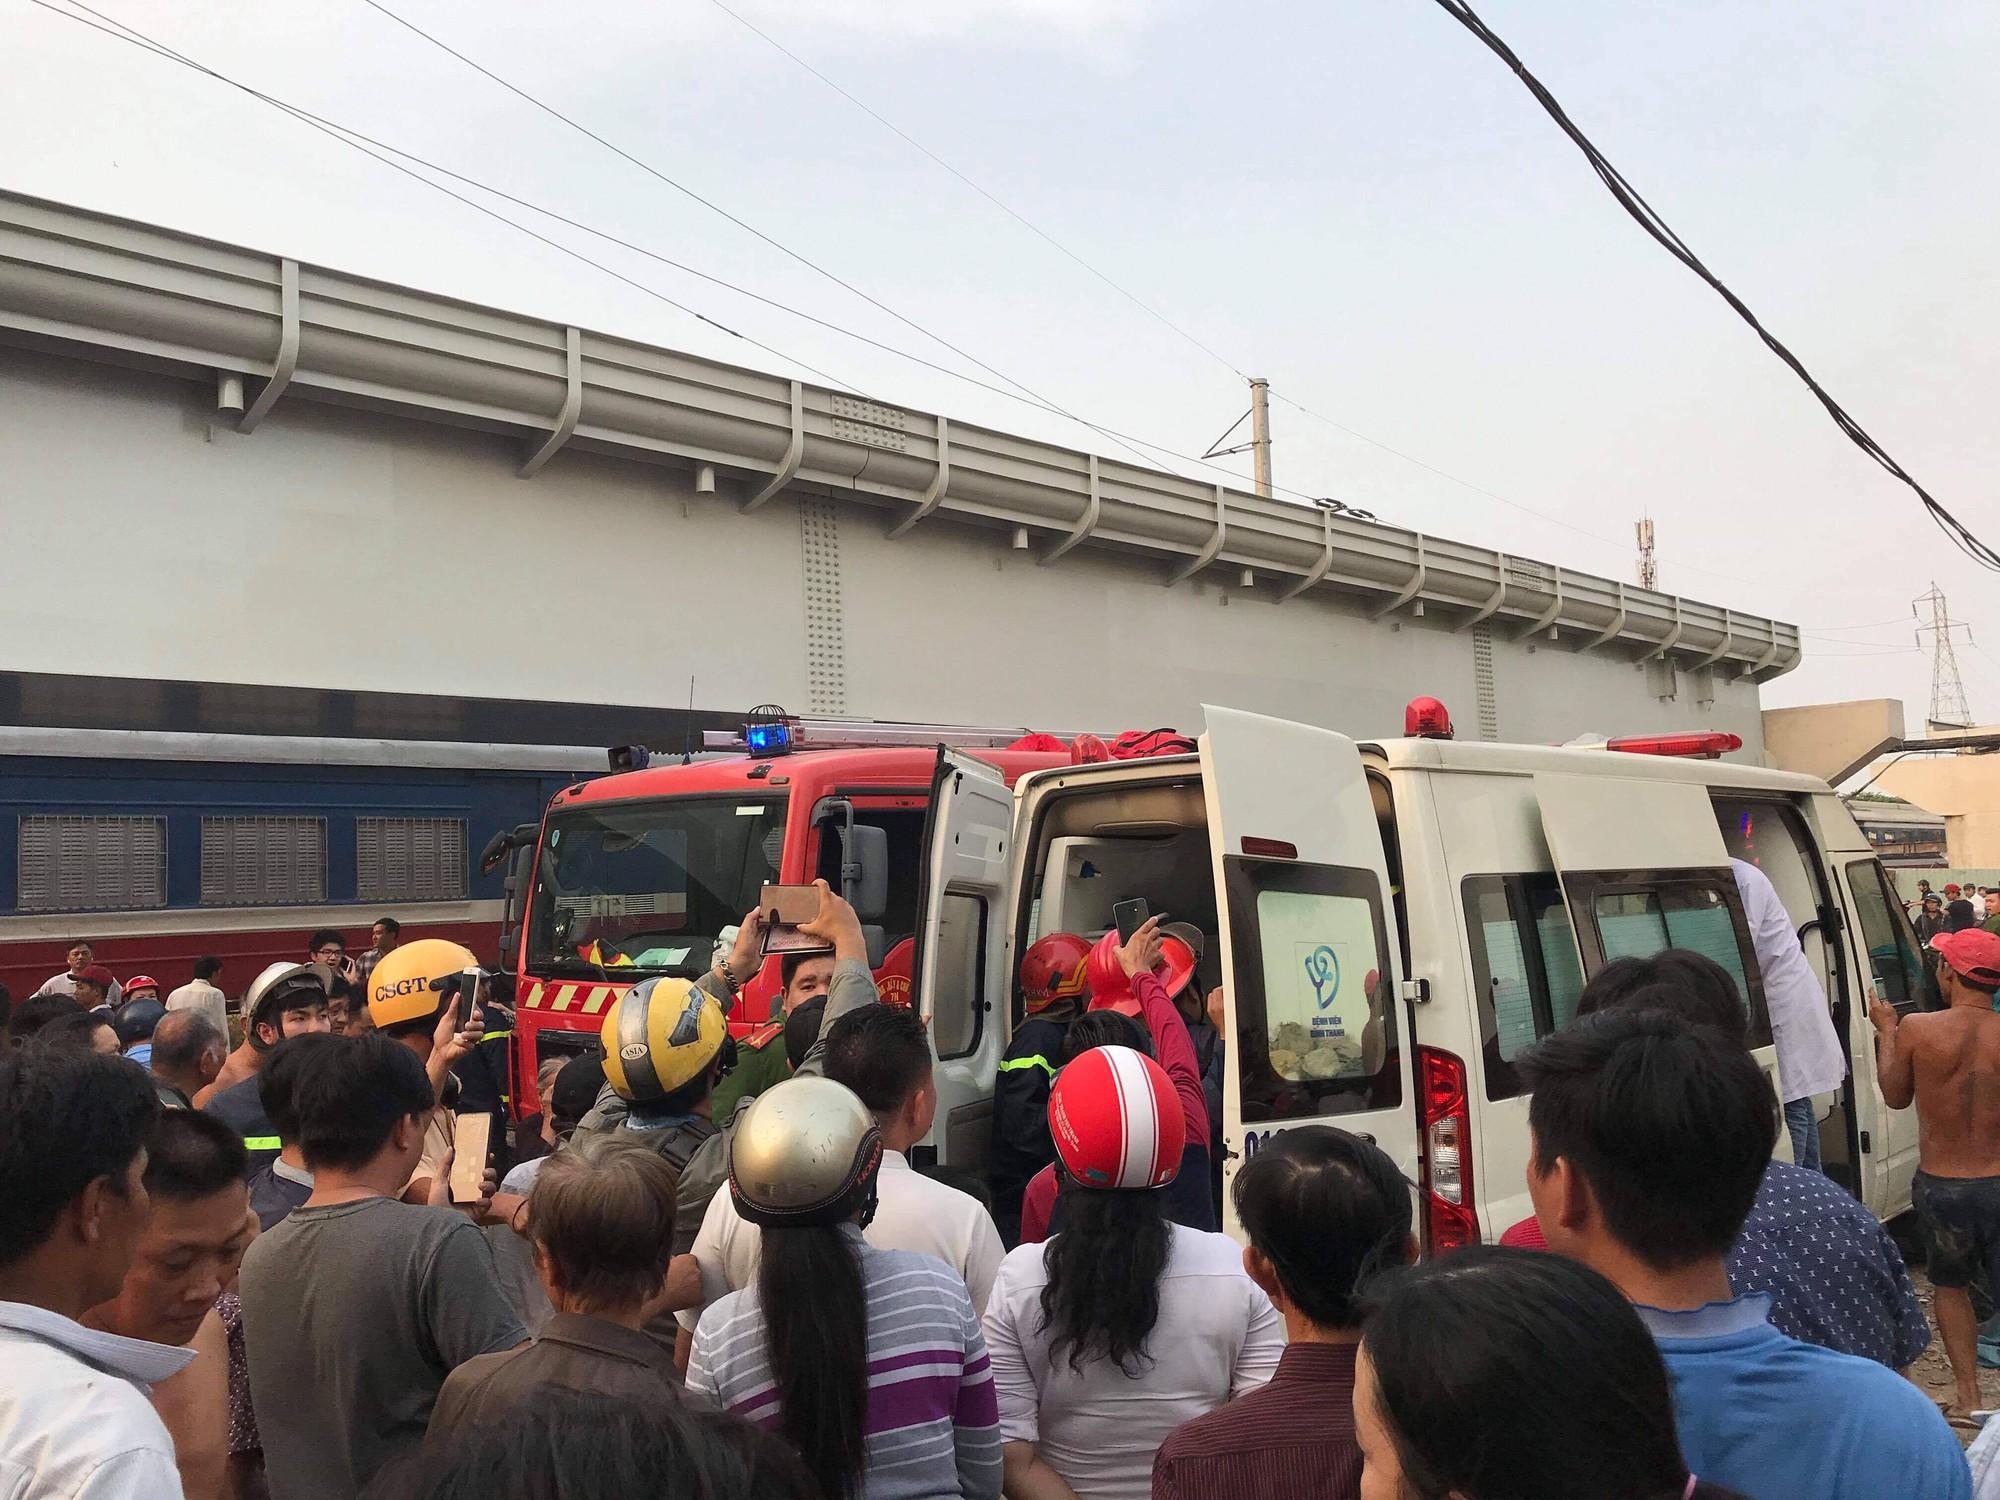 Hàng chục cảnh sát giải cứu người đàn ông mắc kẹt dưới gầm tàu hỏa - Ảnh 3.